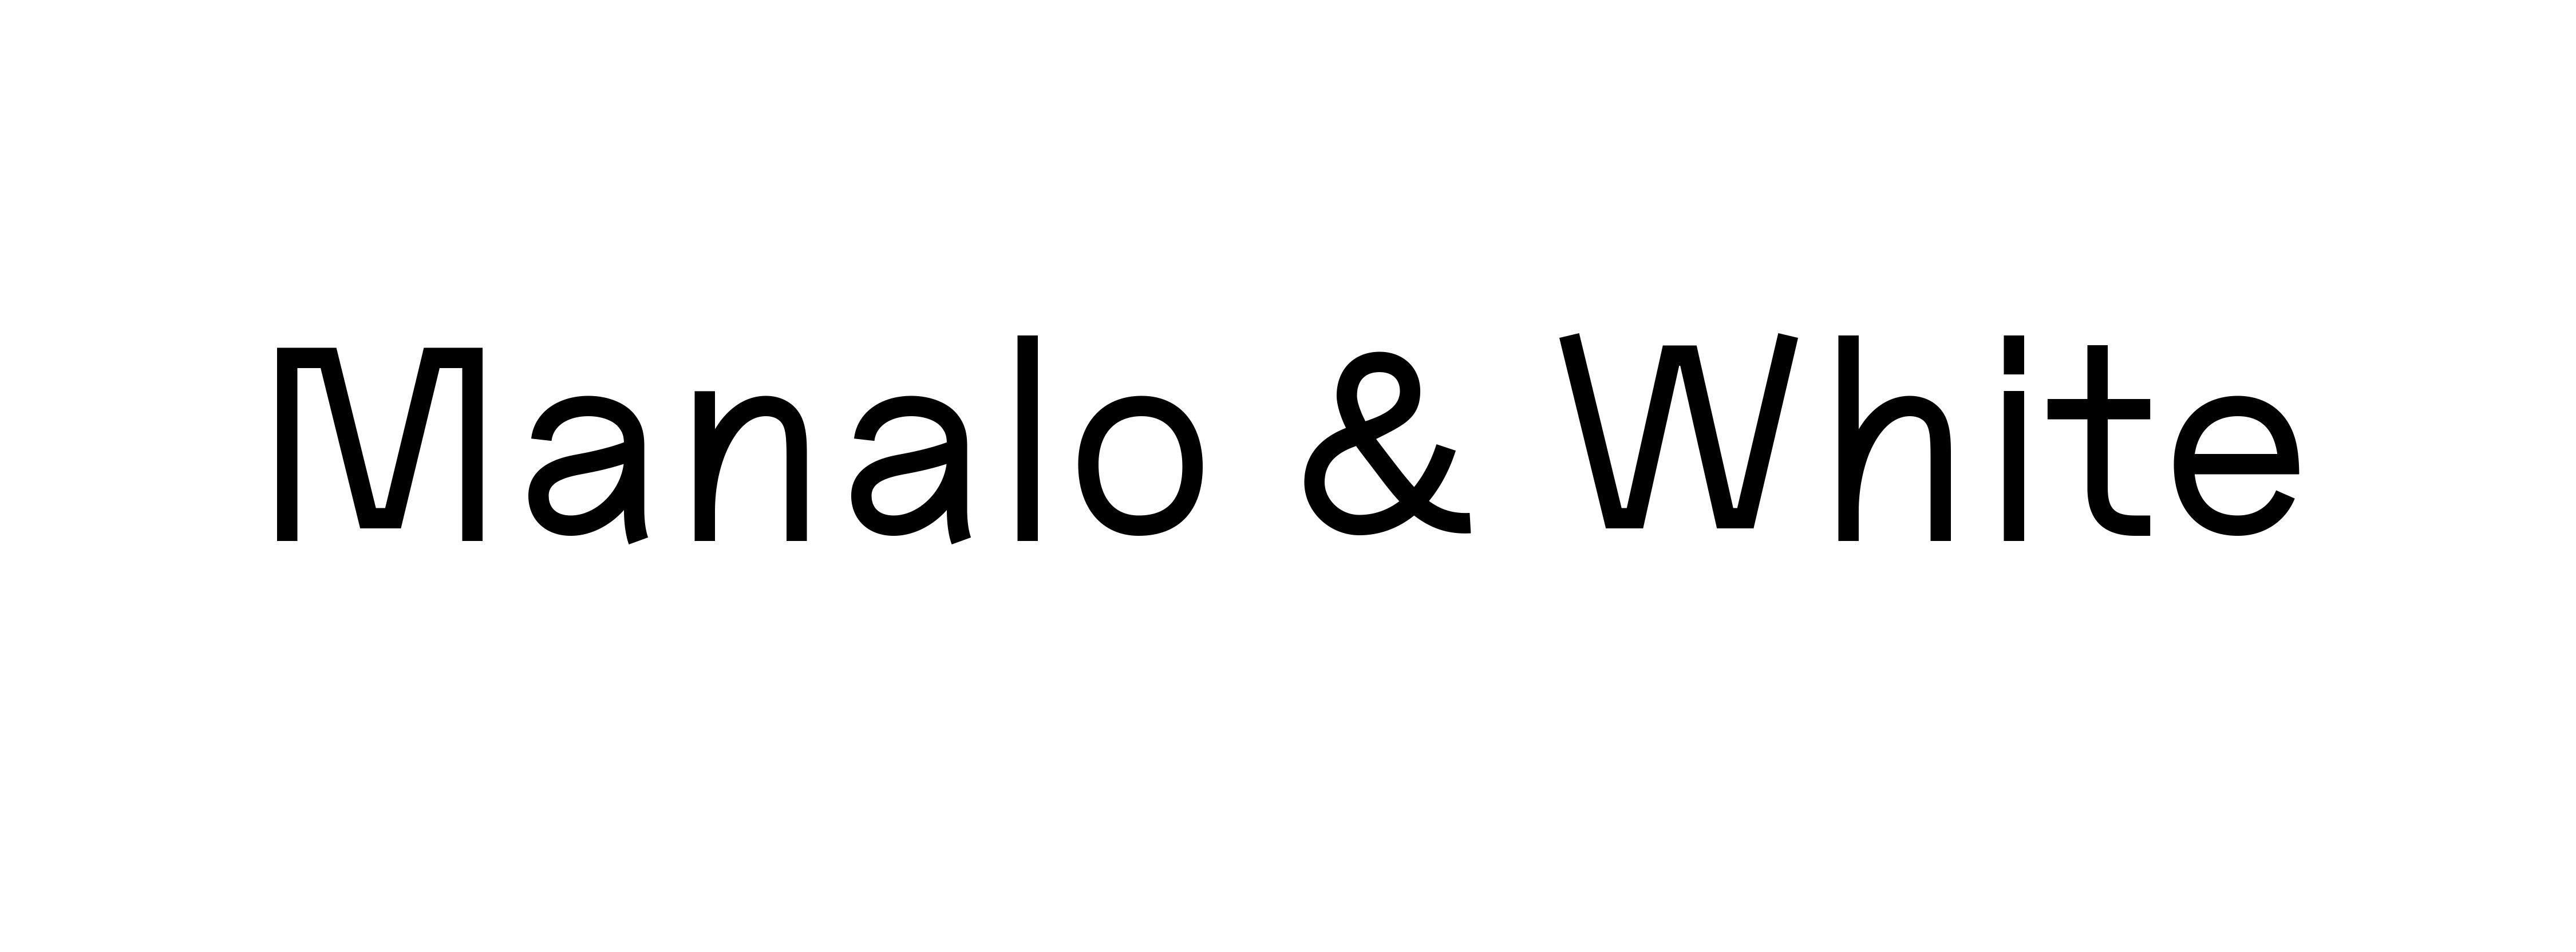 Manalo & White